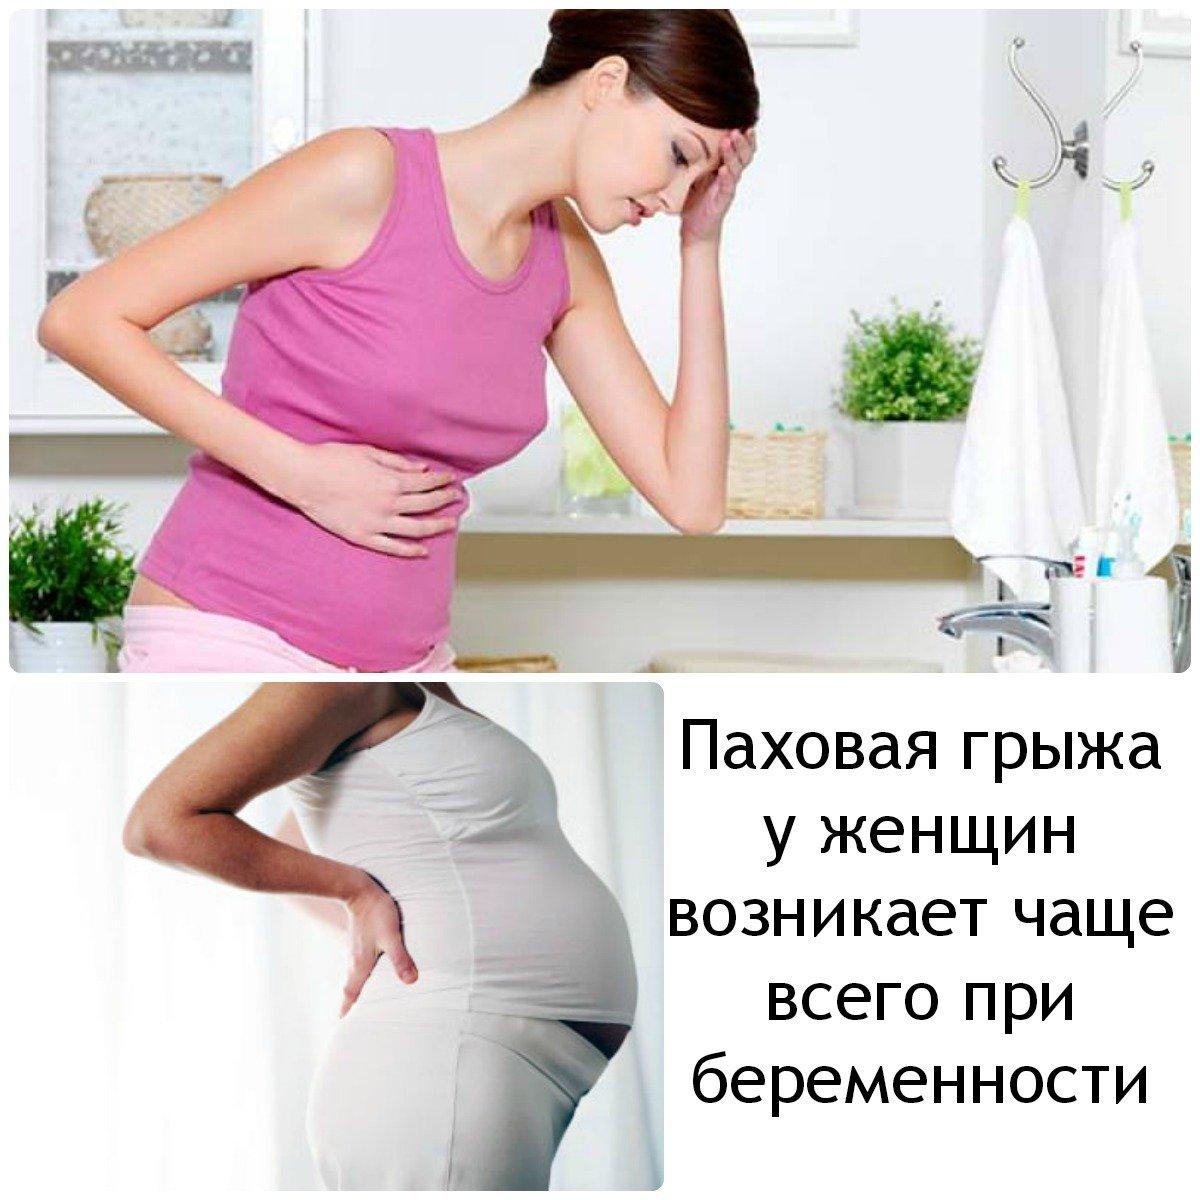 Паховая грыжа и беременность